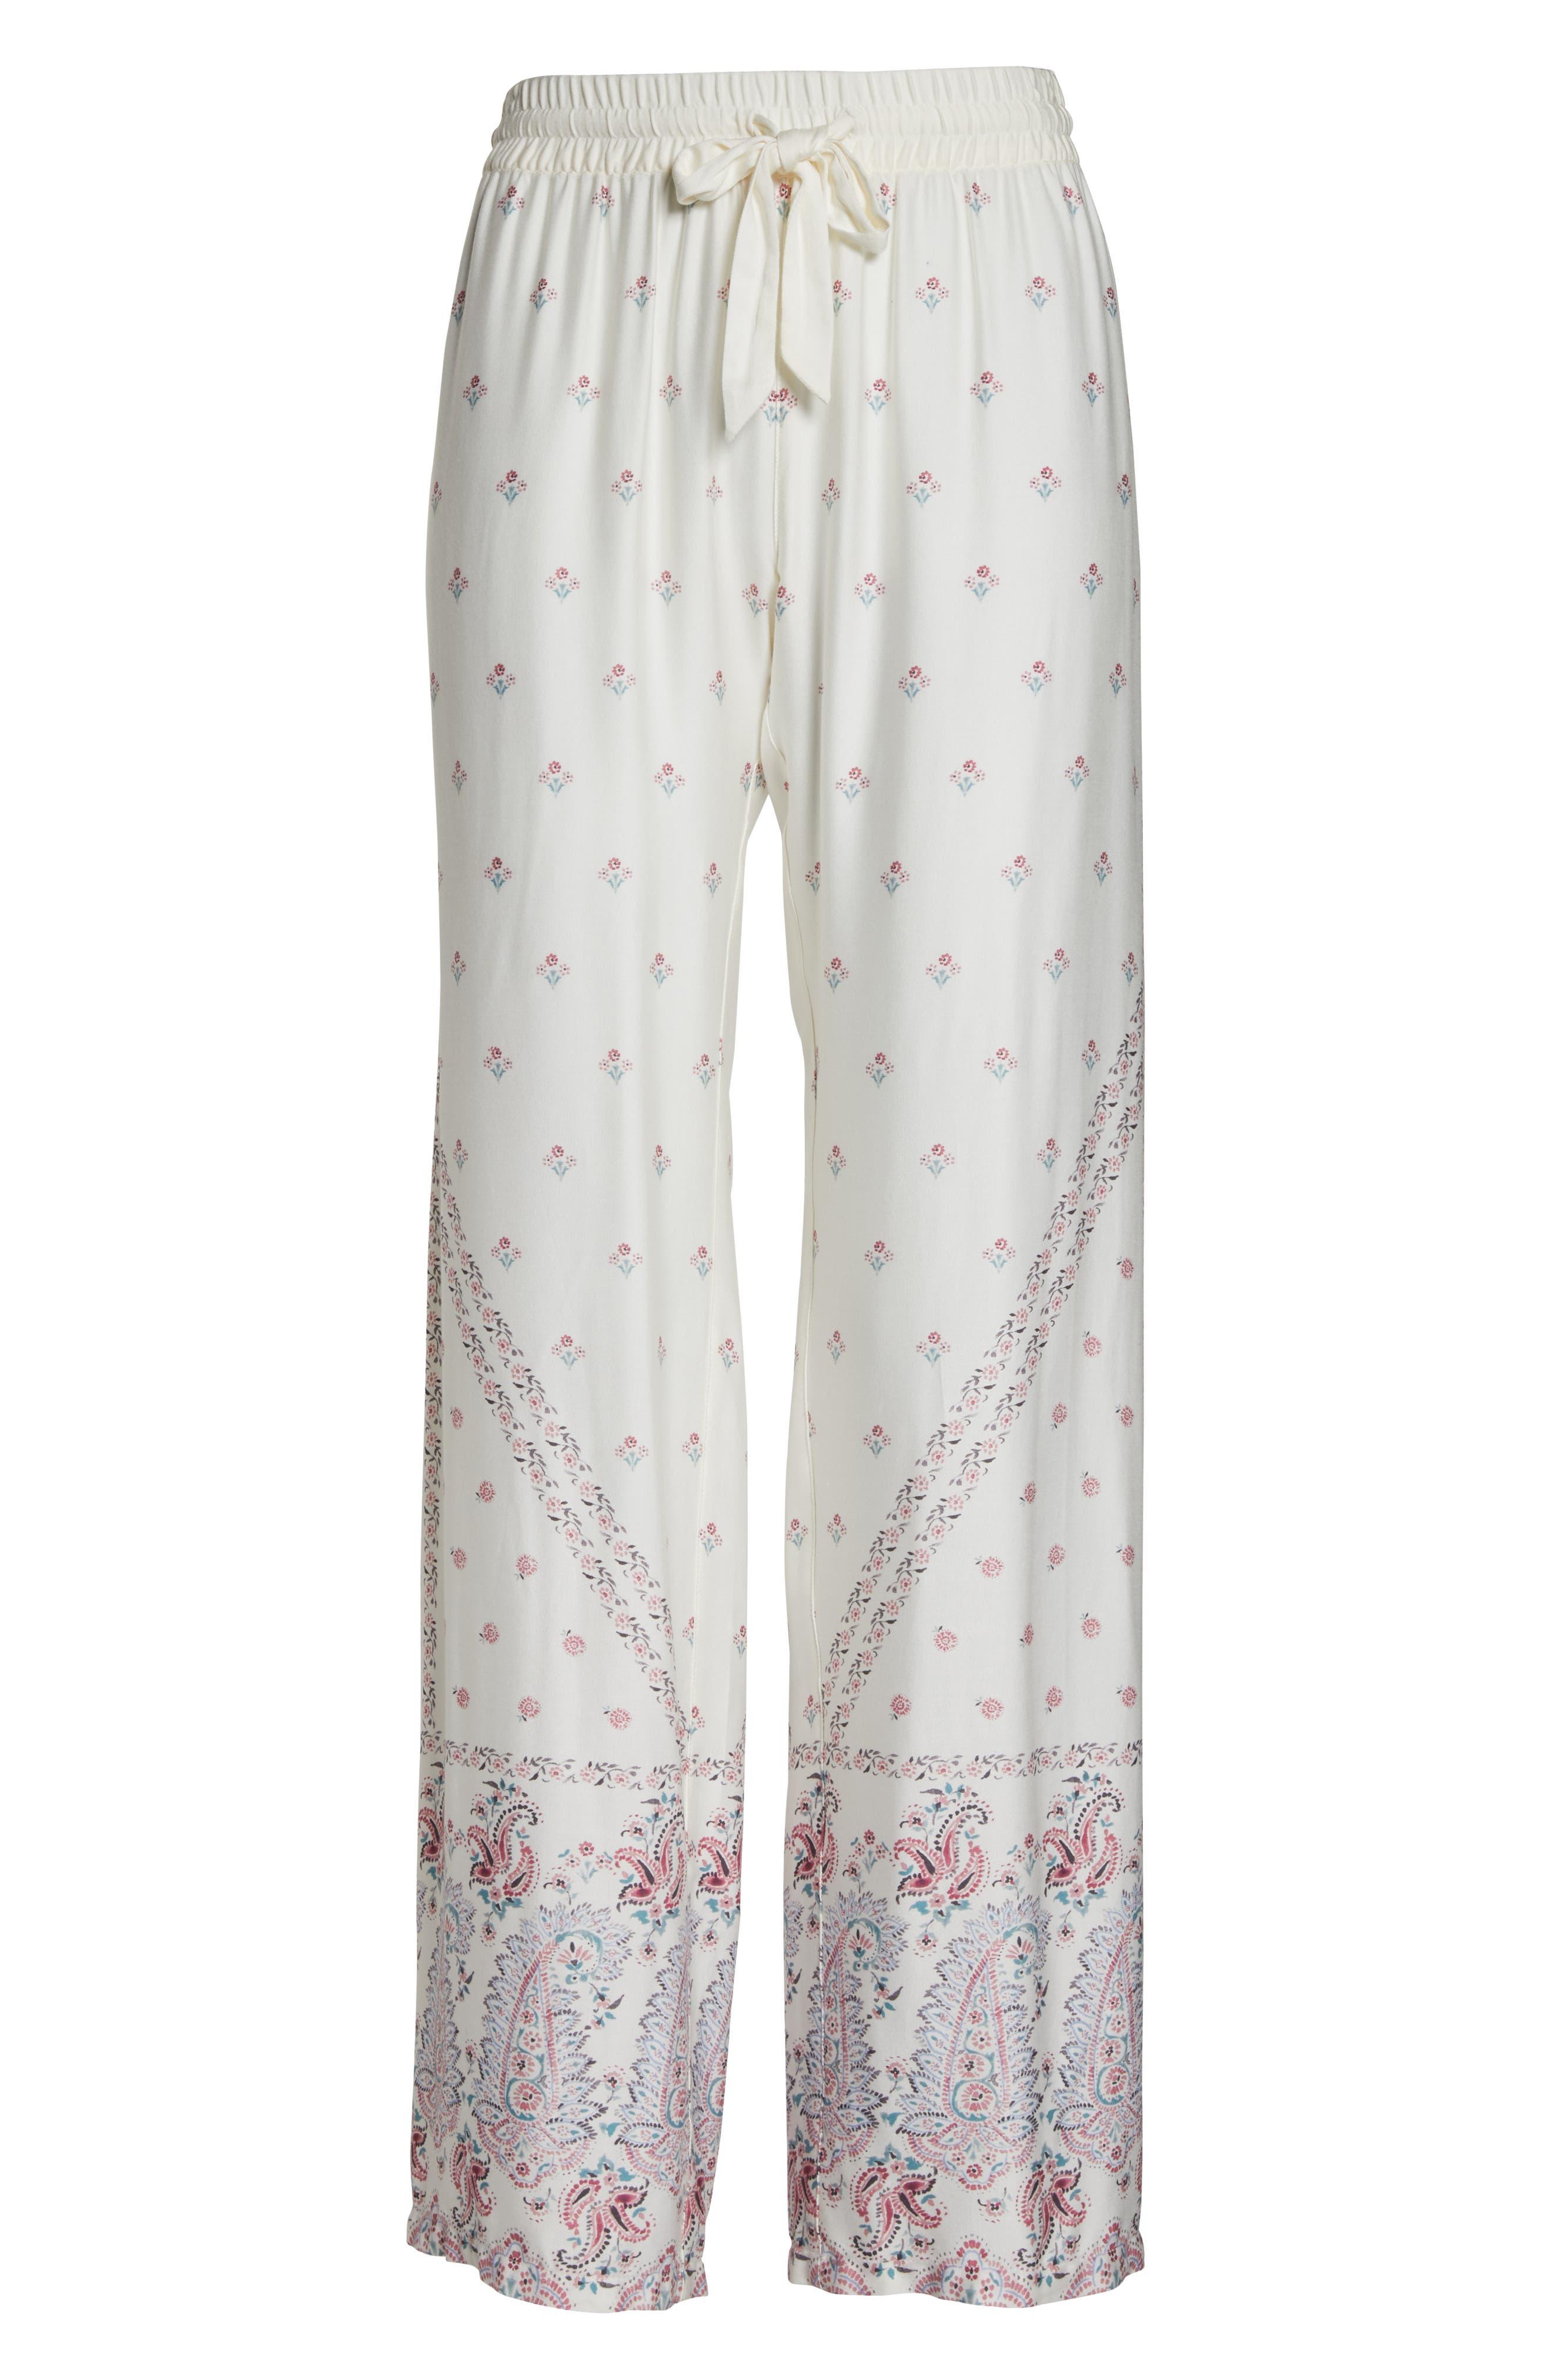 Paisley Park Pajama Pants,                             Alternate thumbnail 6, color,                             ANTIQUE WHITE